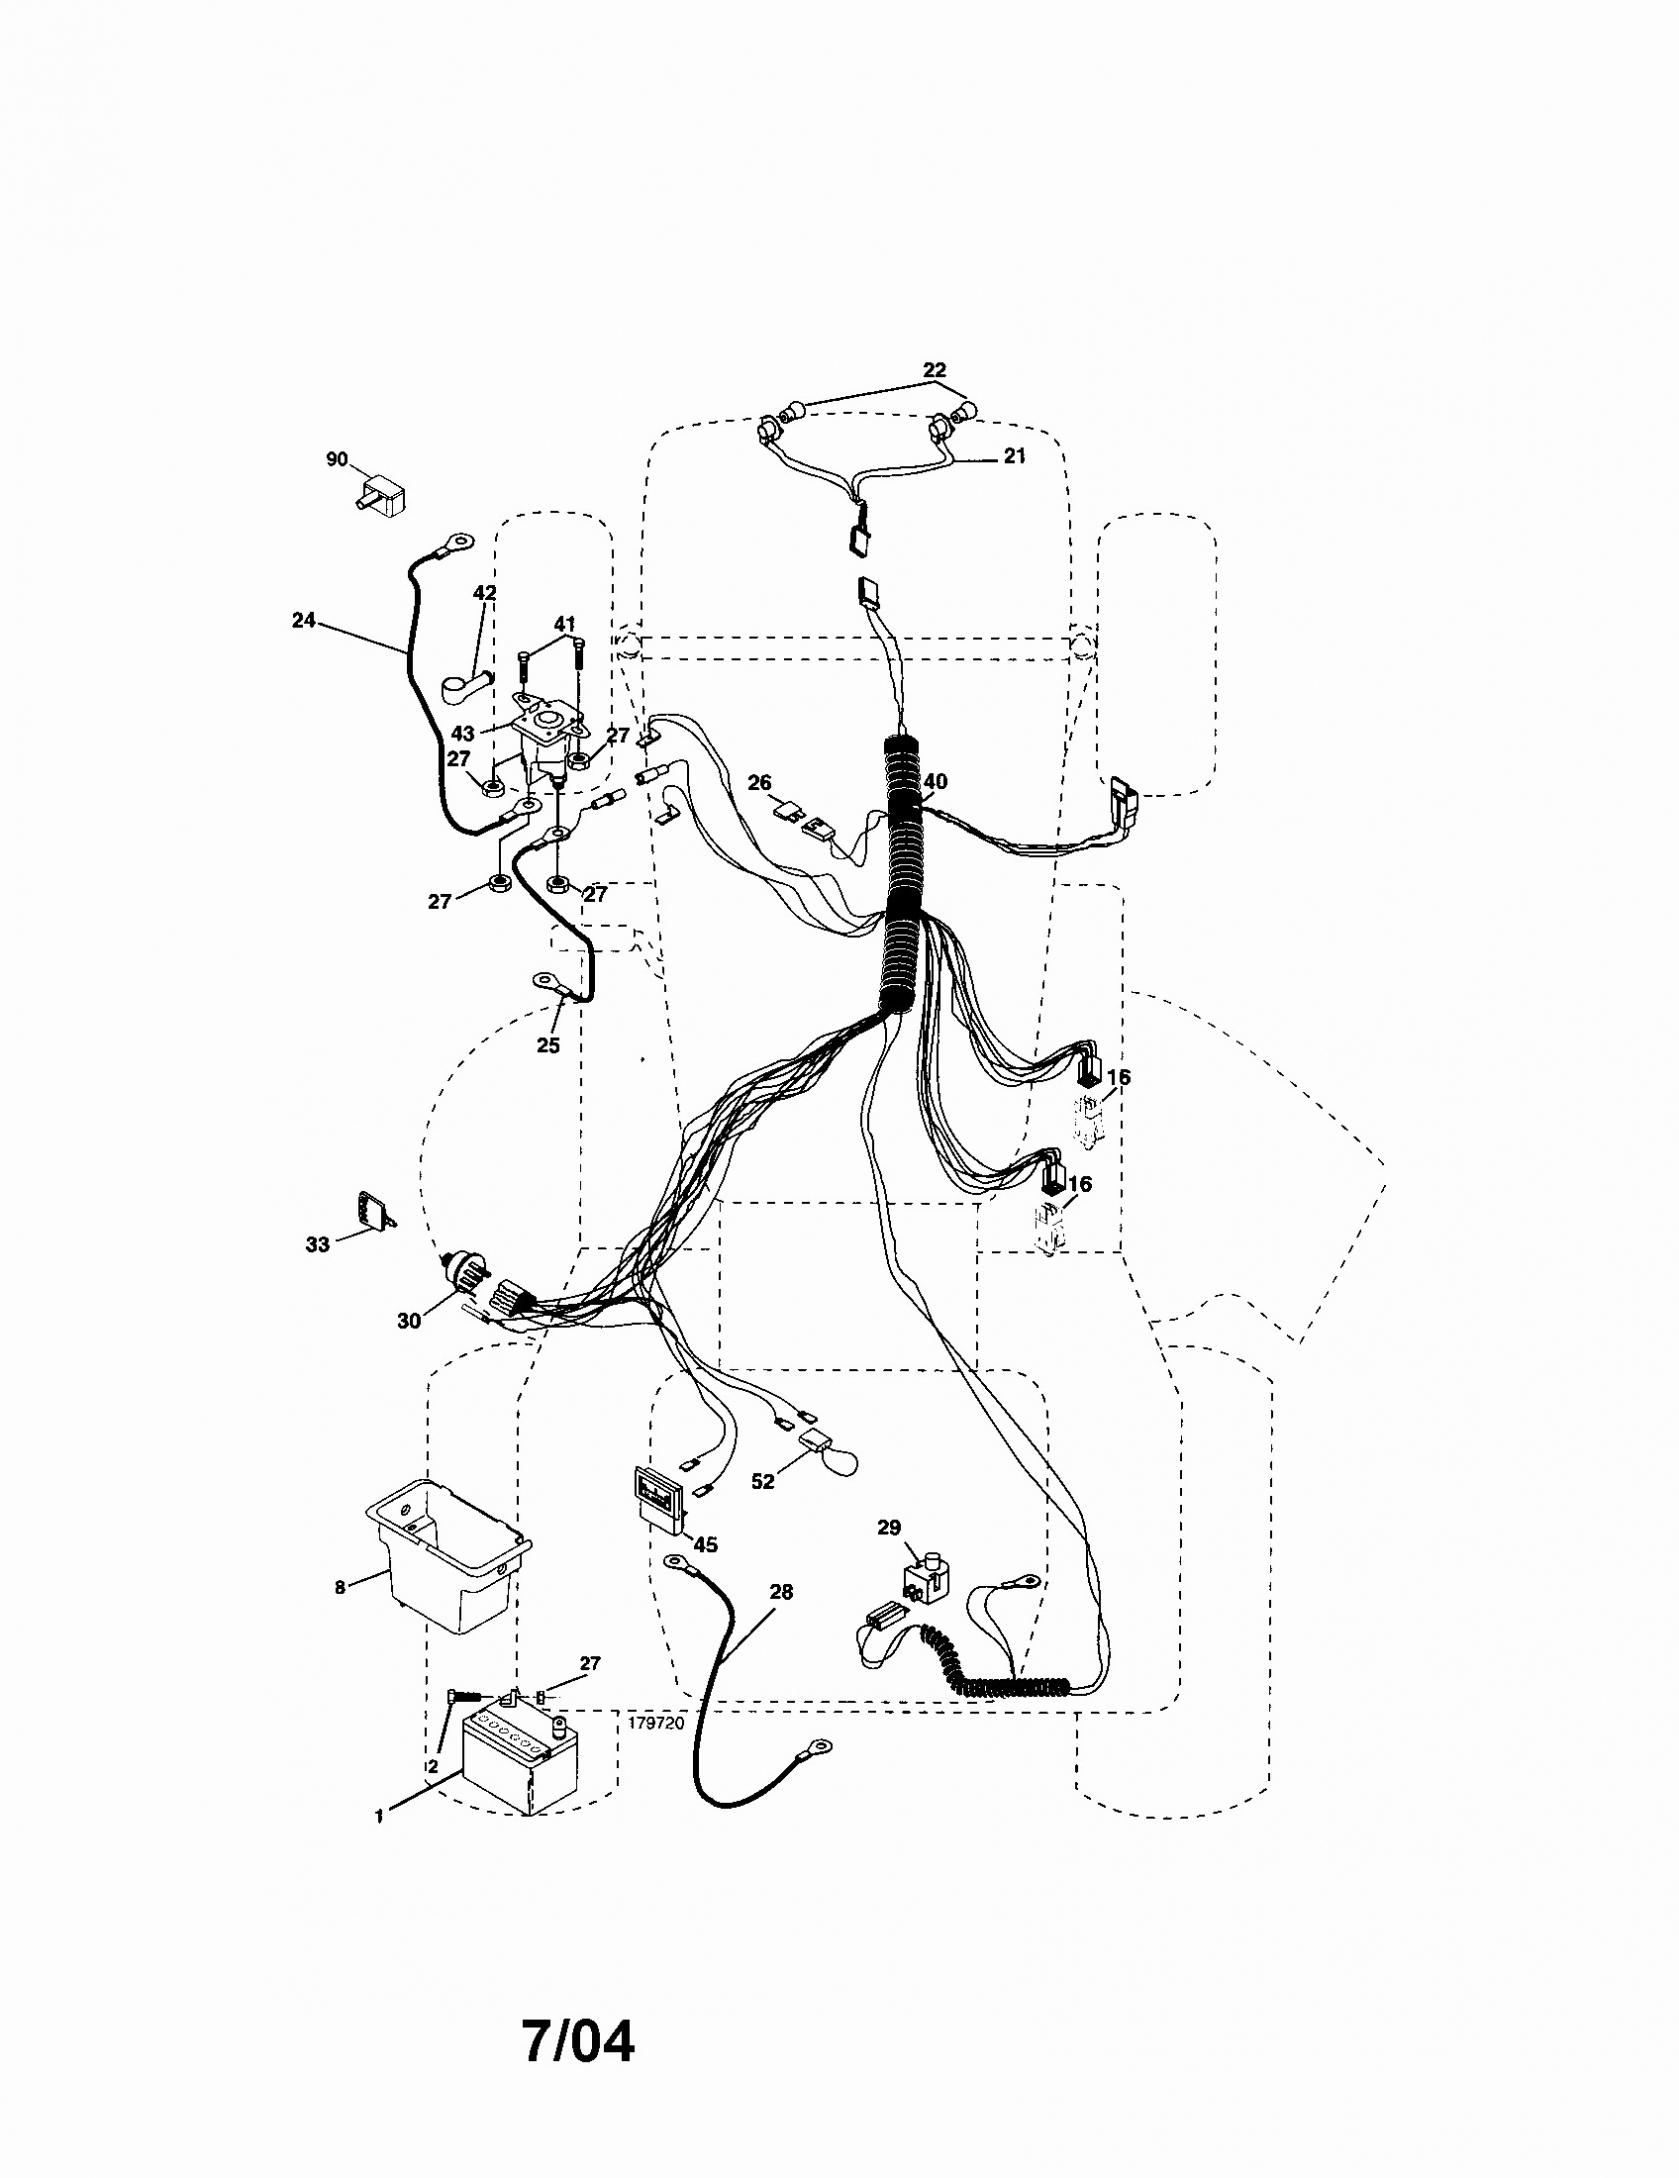 17 Hp Briggs Stratton Wiring Diagram Hecho | Wiring Diagram - Briggs And Stratton V Twin Wiring Diagram